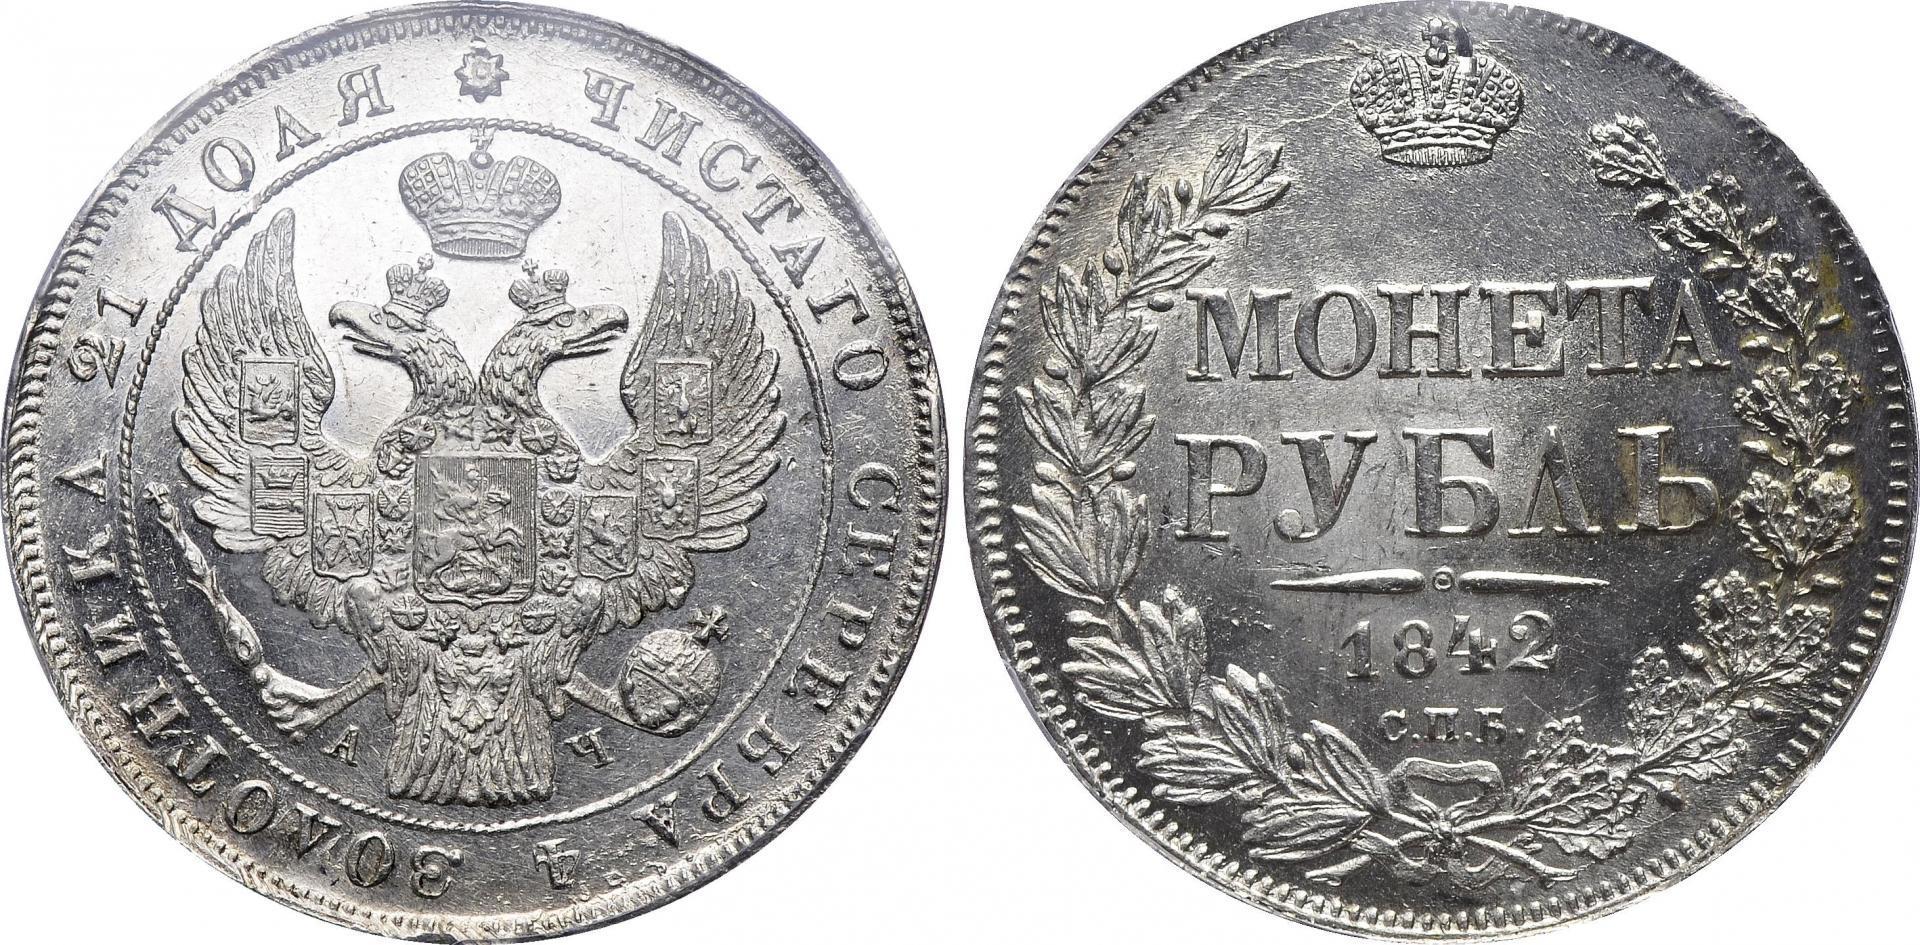 Монета 1 рубль 1842 года Николая I - аверс и реверс